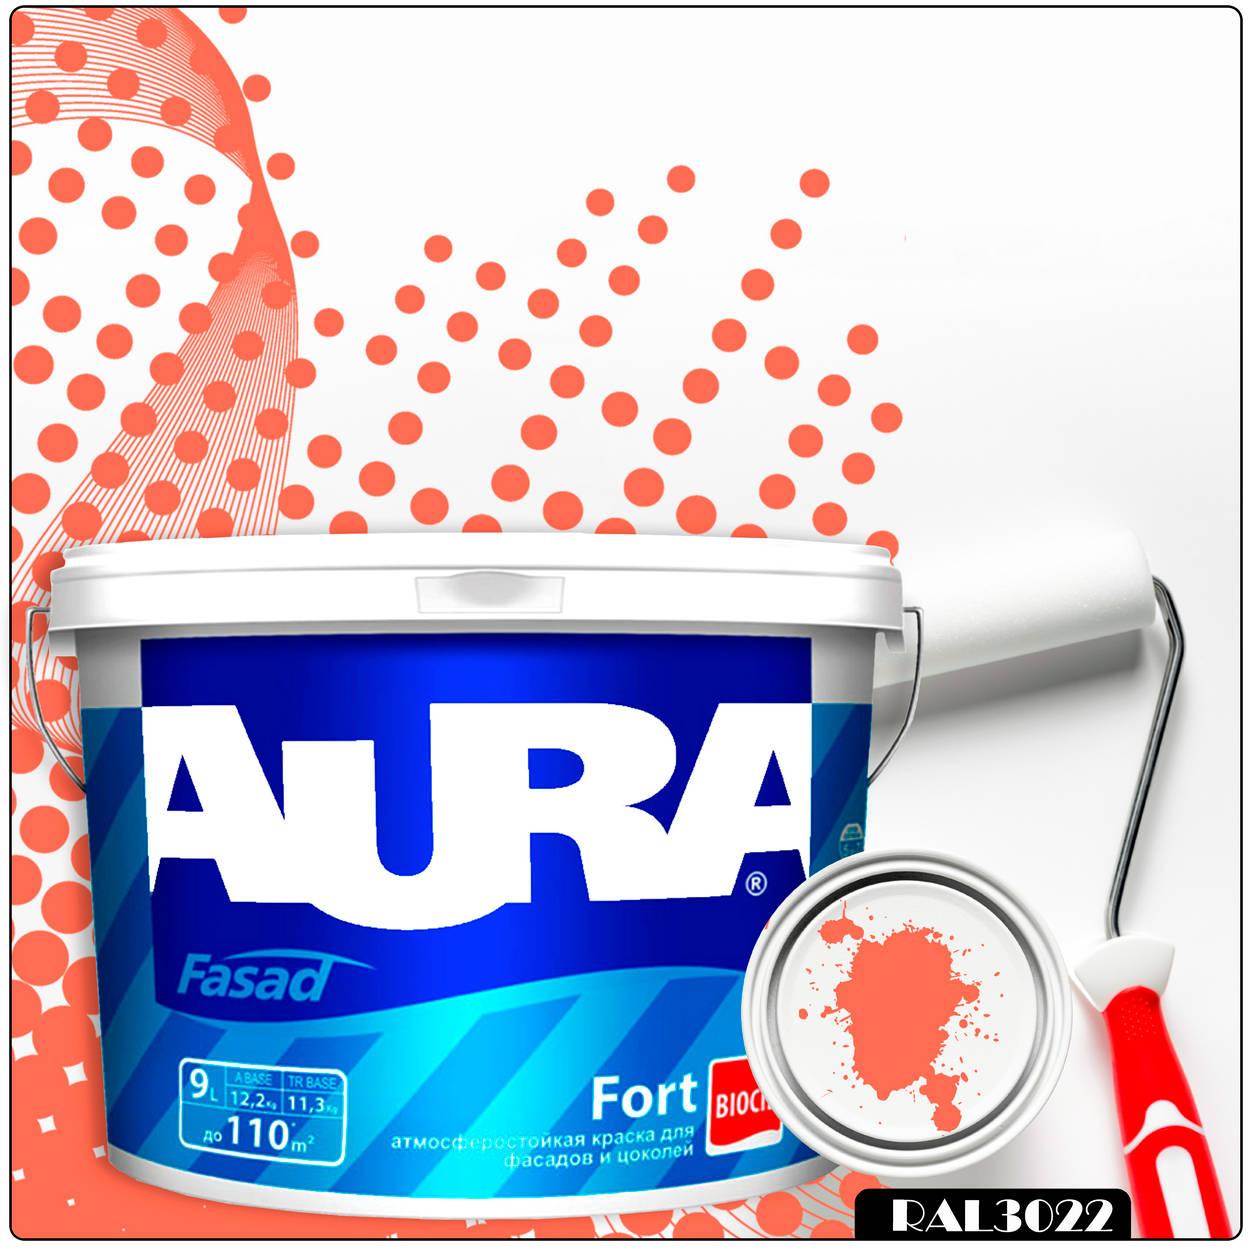 Фото 18 - Краска Aura Fasad Fort, RAL 3022 Лососёво-красный, латексная, матовая, для фасада и цоколей, 9л, Аура.